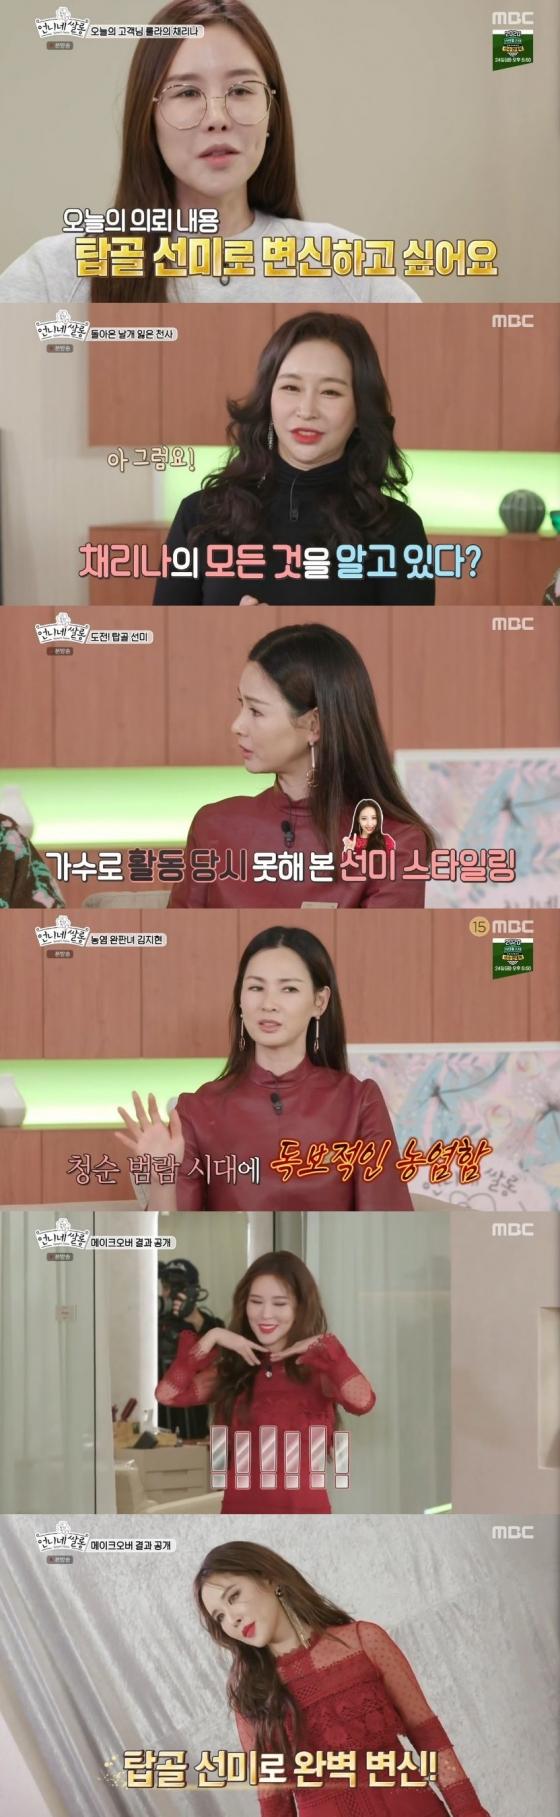 /사진=MBC 예능 프로그램 '언니네 쌀롱' 캡처